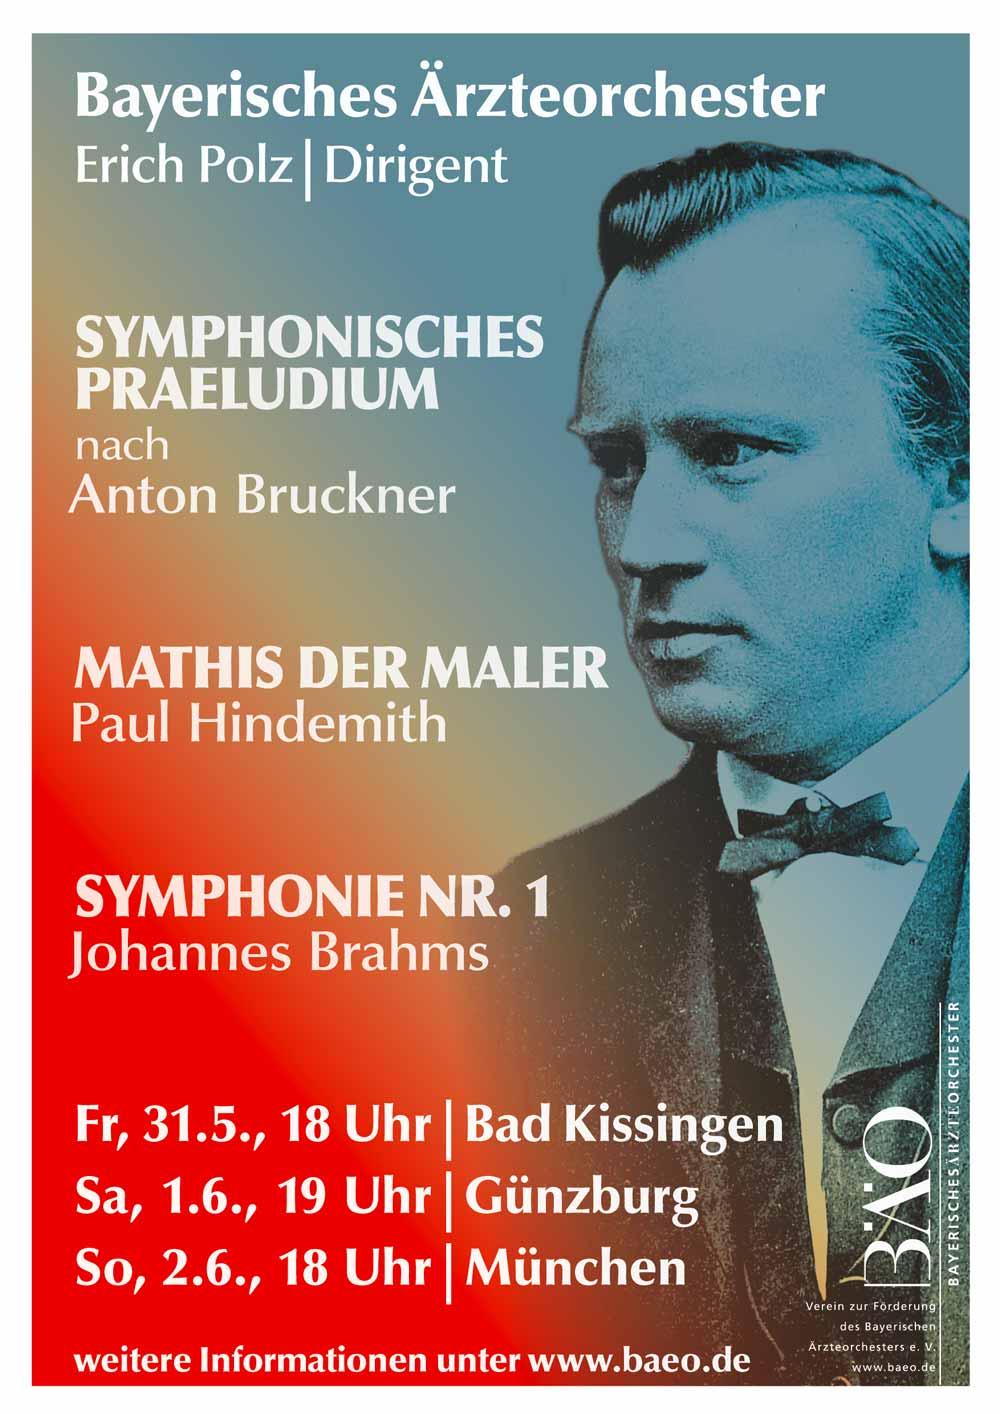 Plakat Bayerisches Ärzteorchester 2019